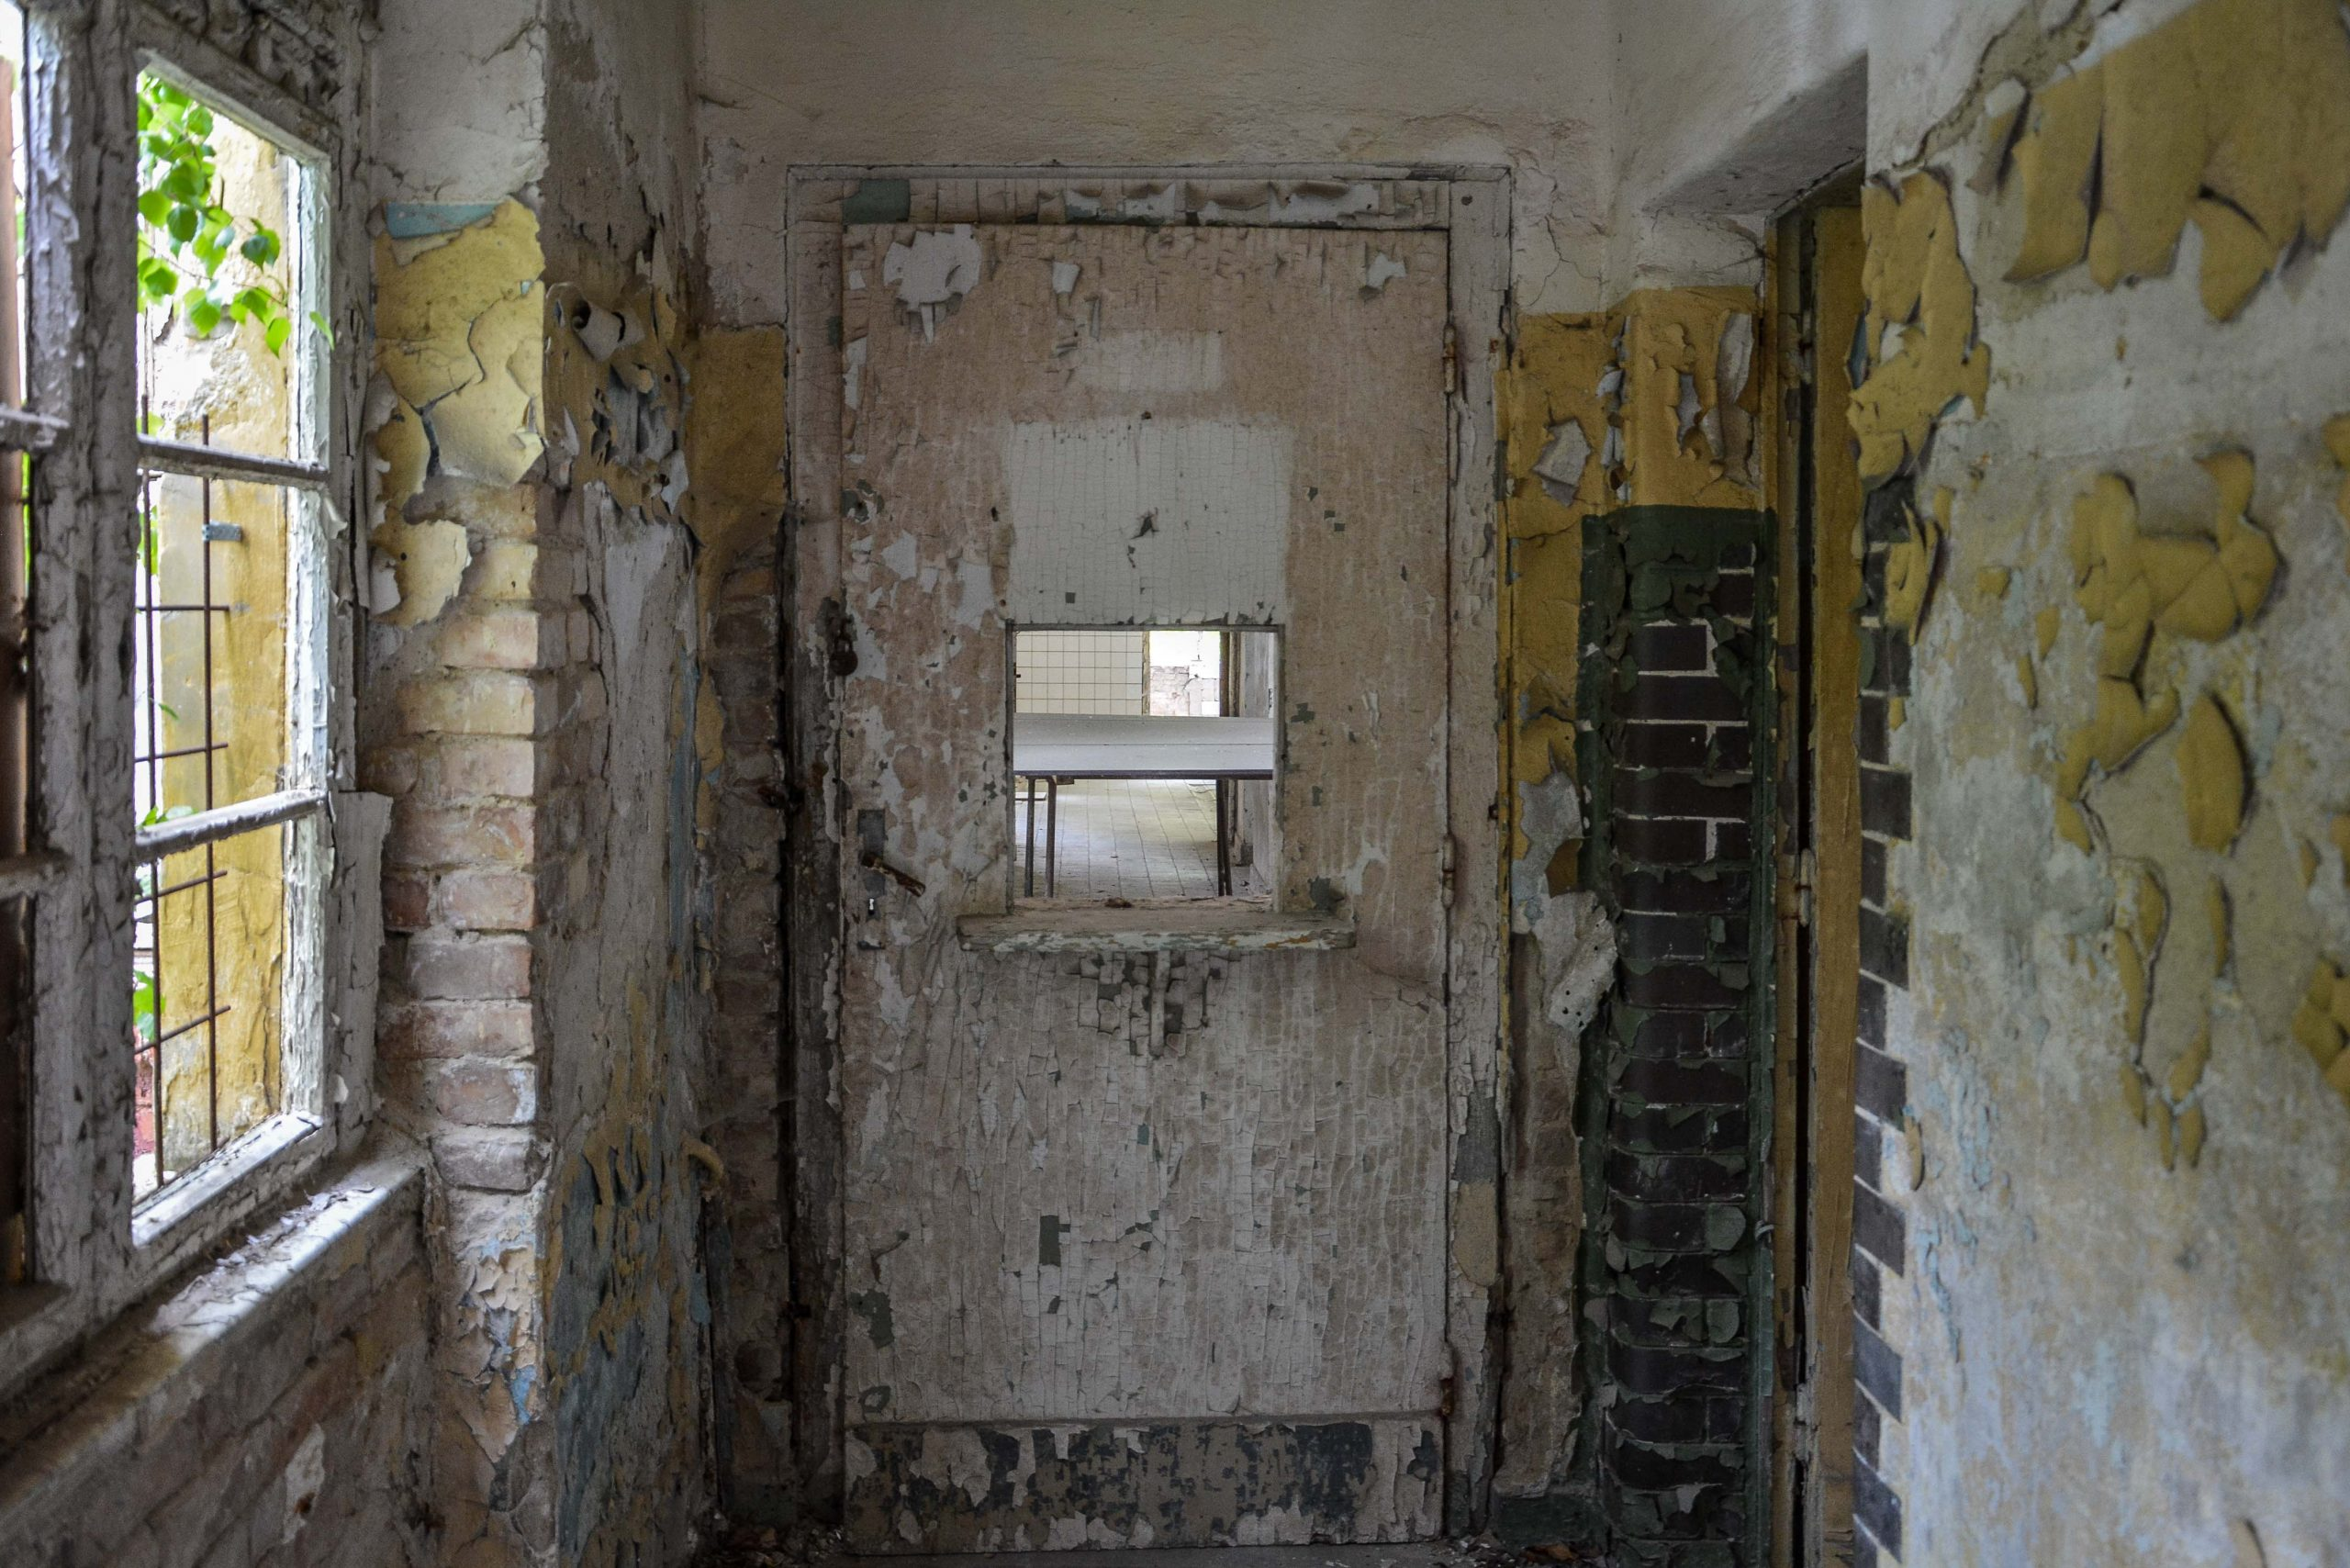 nurse door hospital sanatorium tuberkulose heilstaette grabowsee sanatorium hospital oranienburg lost places abandoned urbex brandenburg germany deutschland